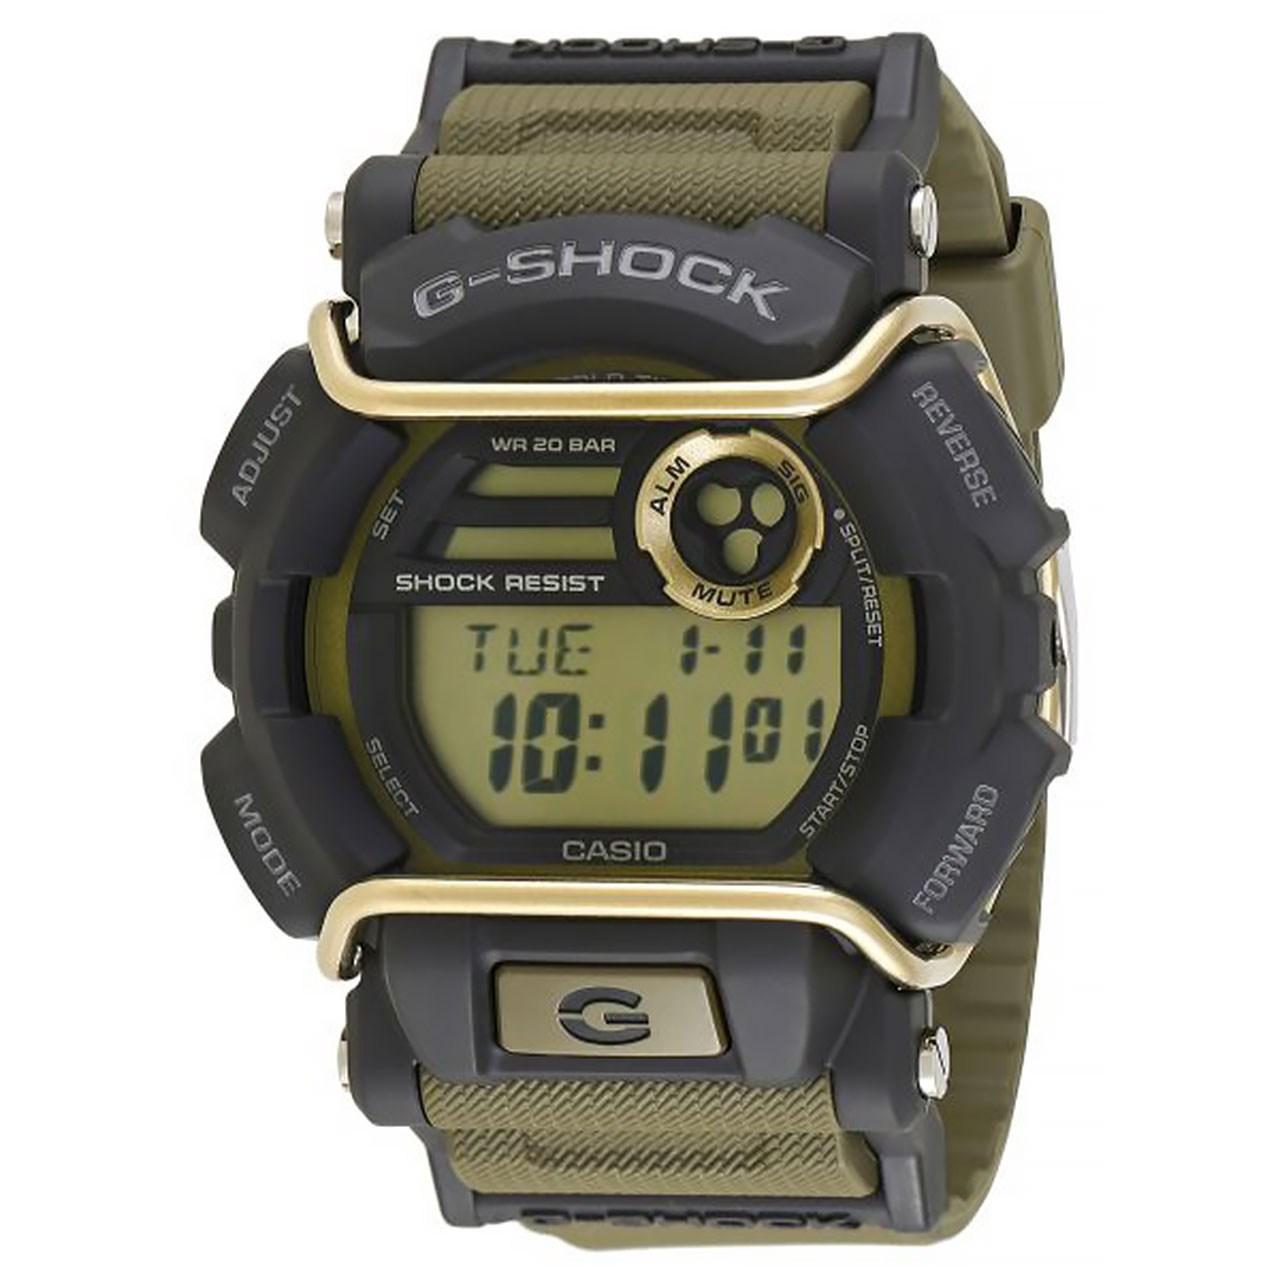 خرید ساعت مچی عقربه ای مردانه کاسیو جی شاک مدل GD-400-9DR